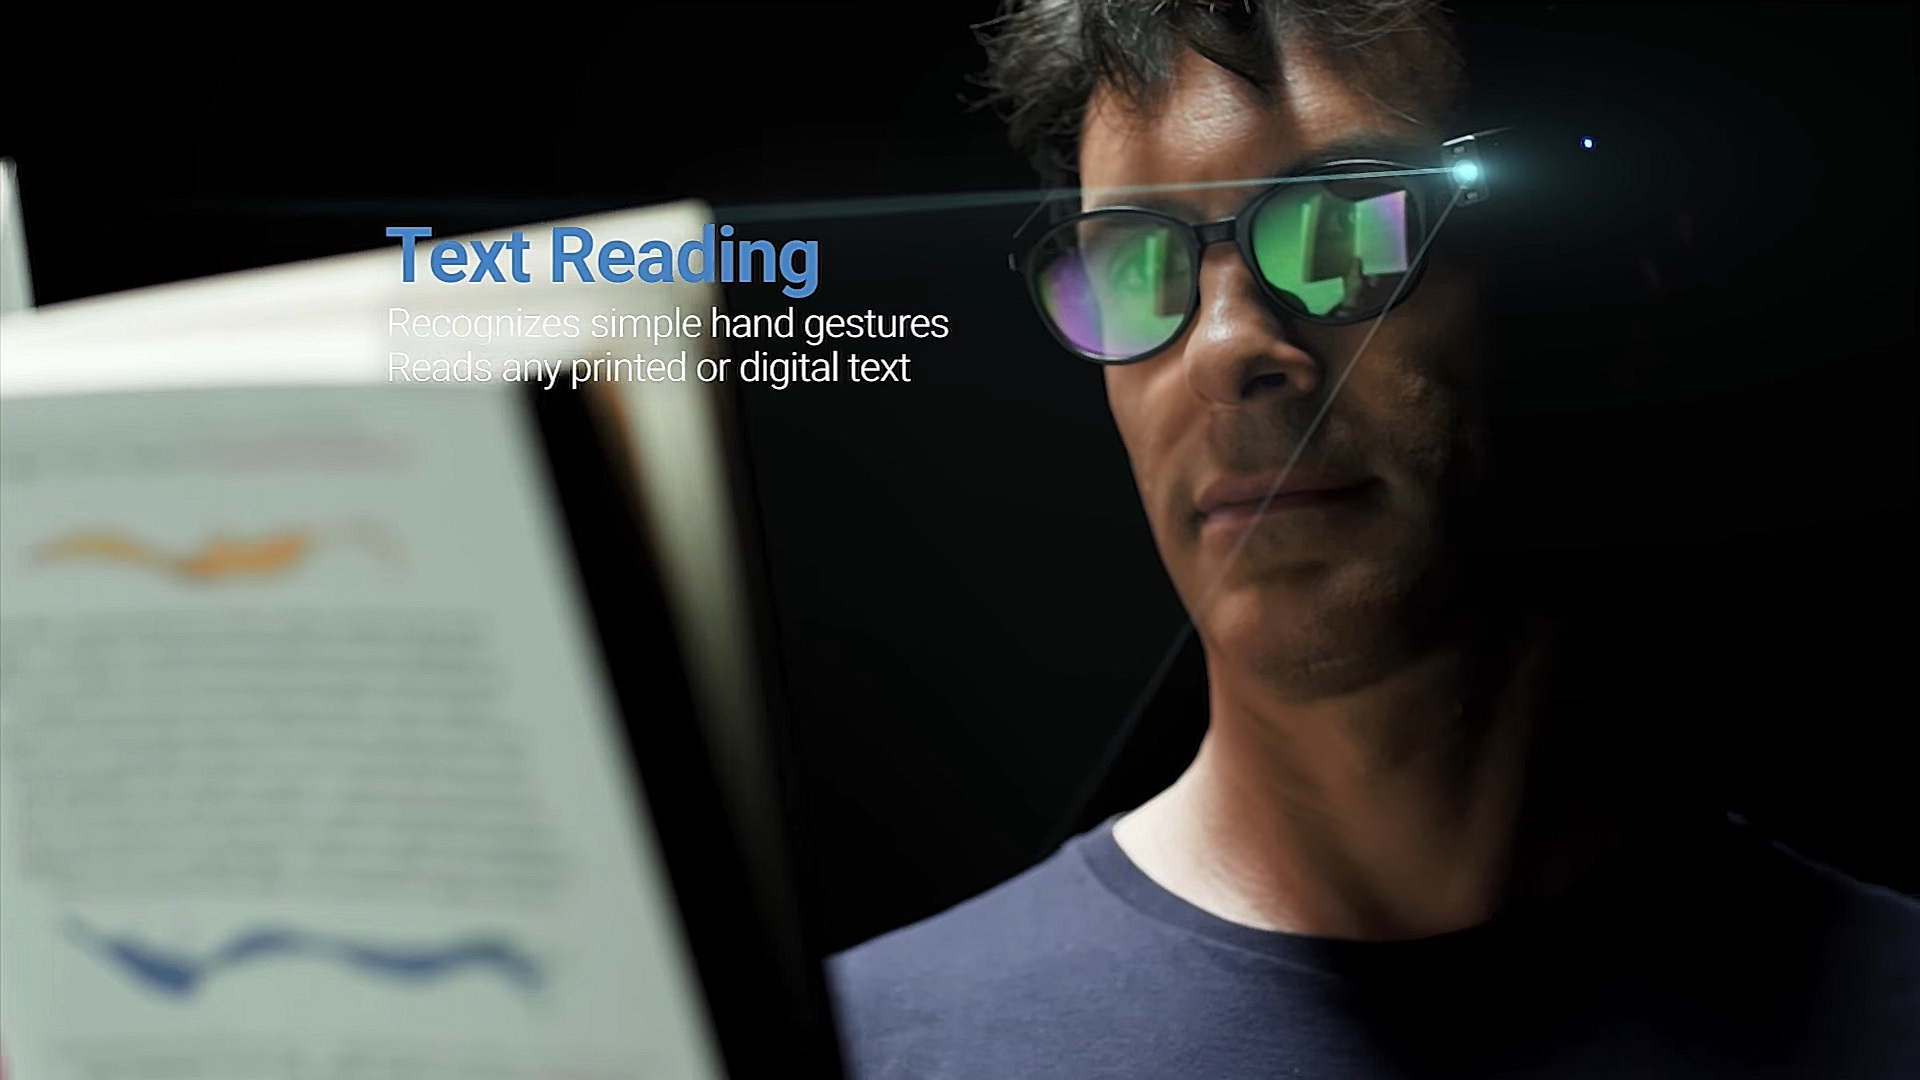 Orcam Myeye 2.0 อุปกรณ์ติดแว่น ช่วยเป็นตาที่สองให้ผู้พิการทางสายตา